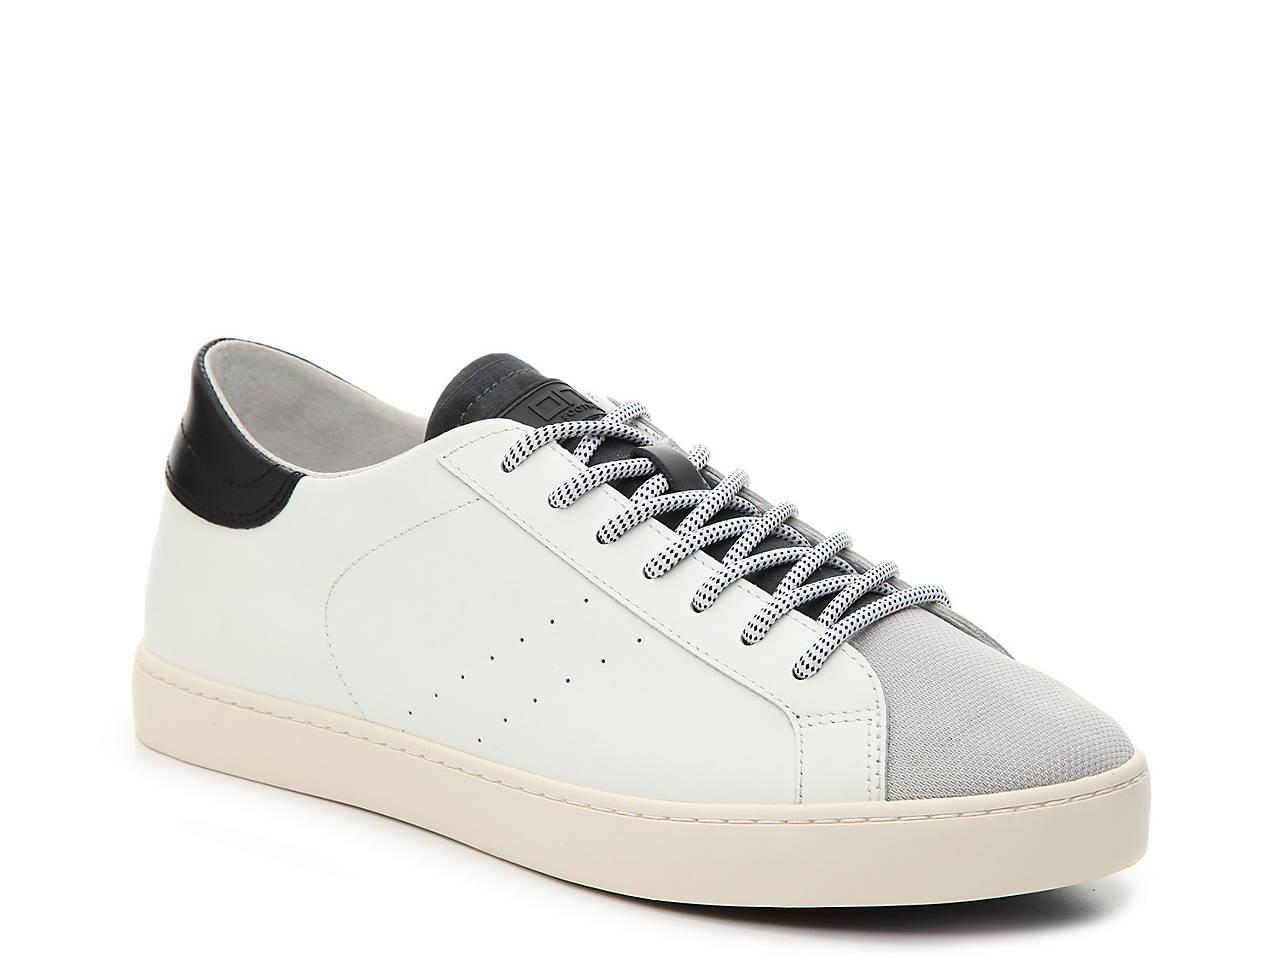 Sari Sneaker   Men's by One Footwear